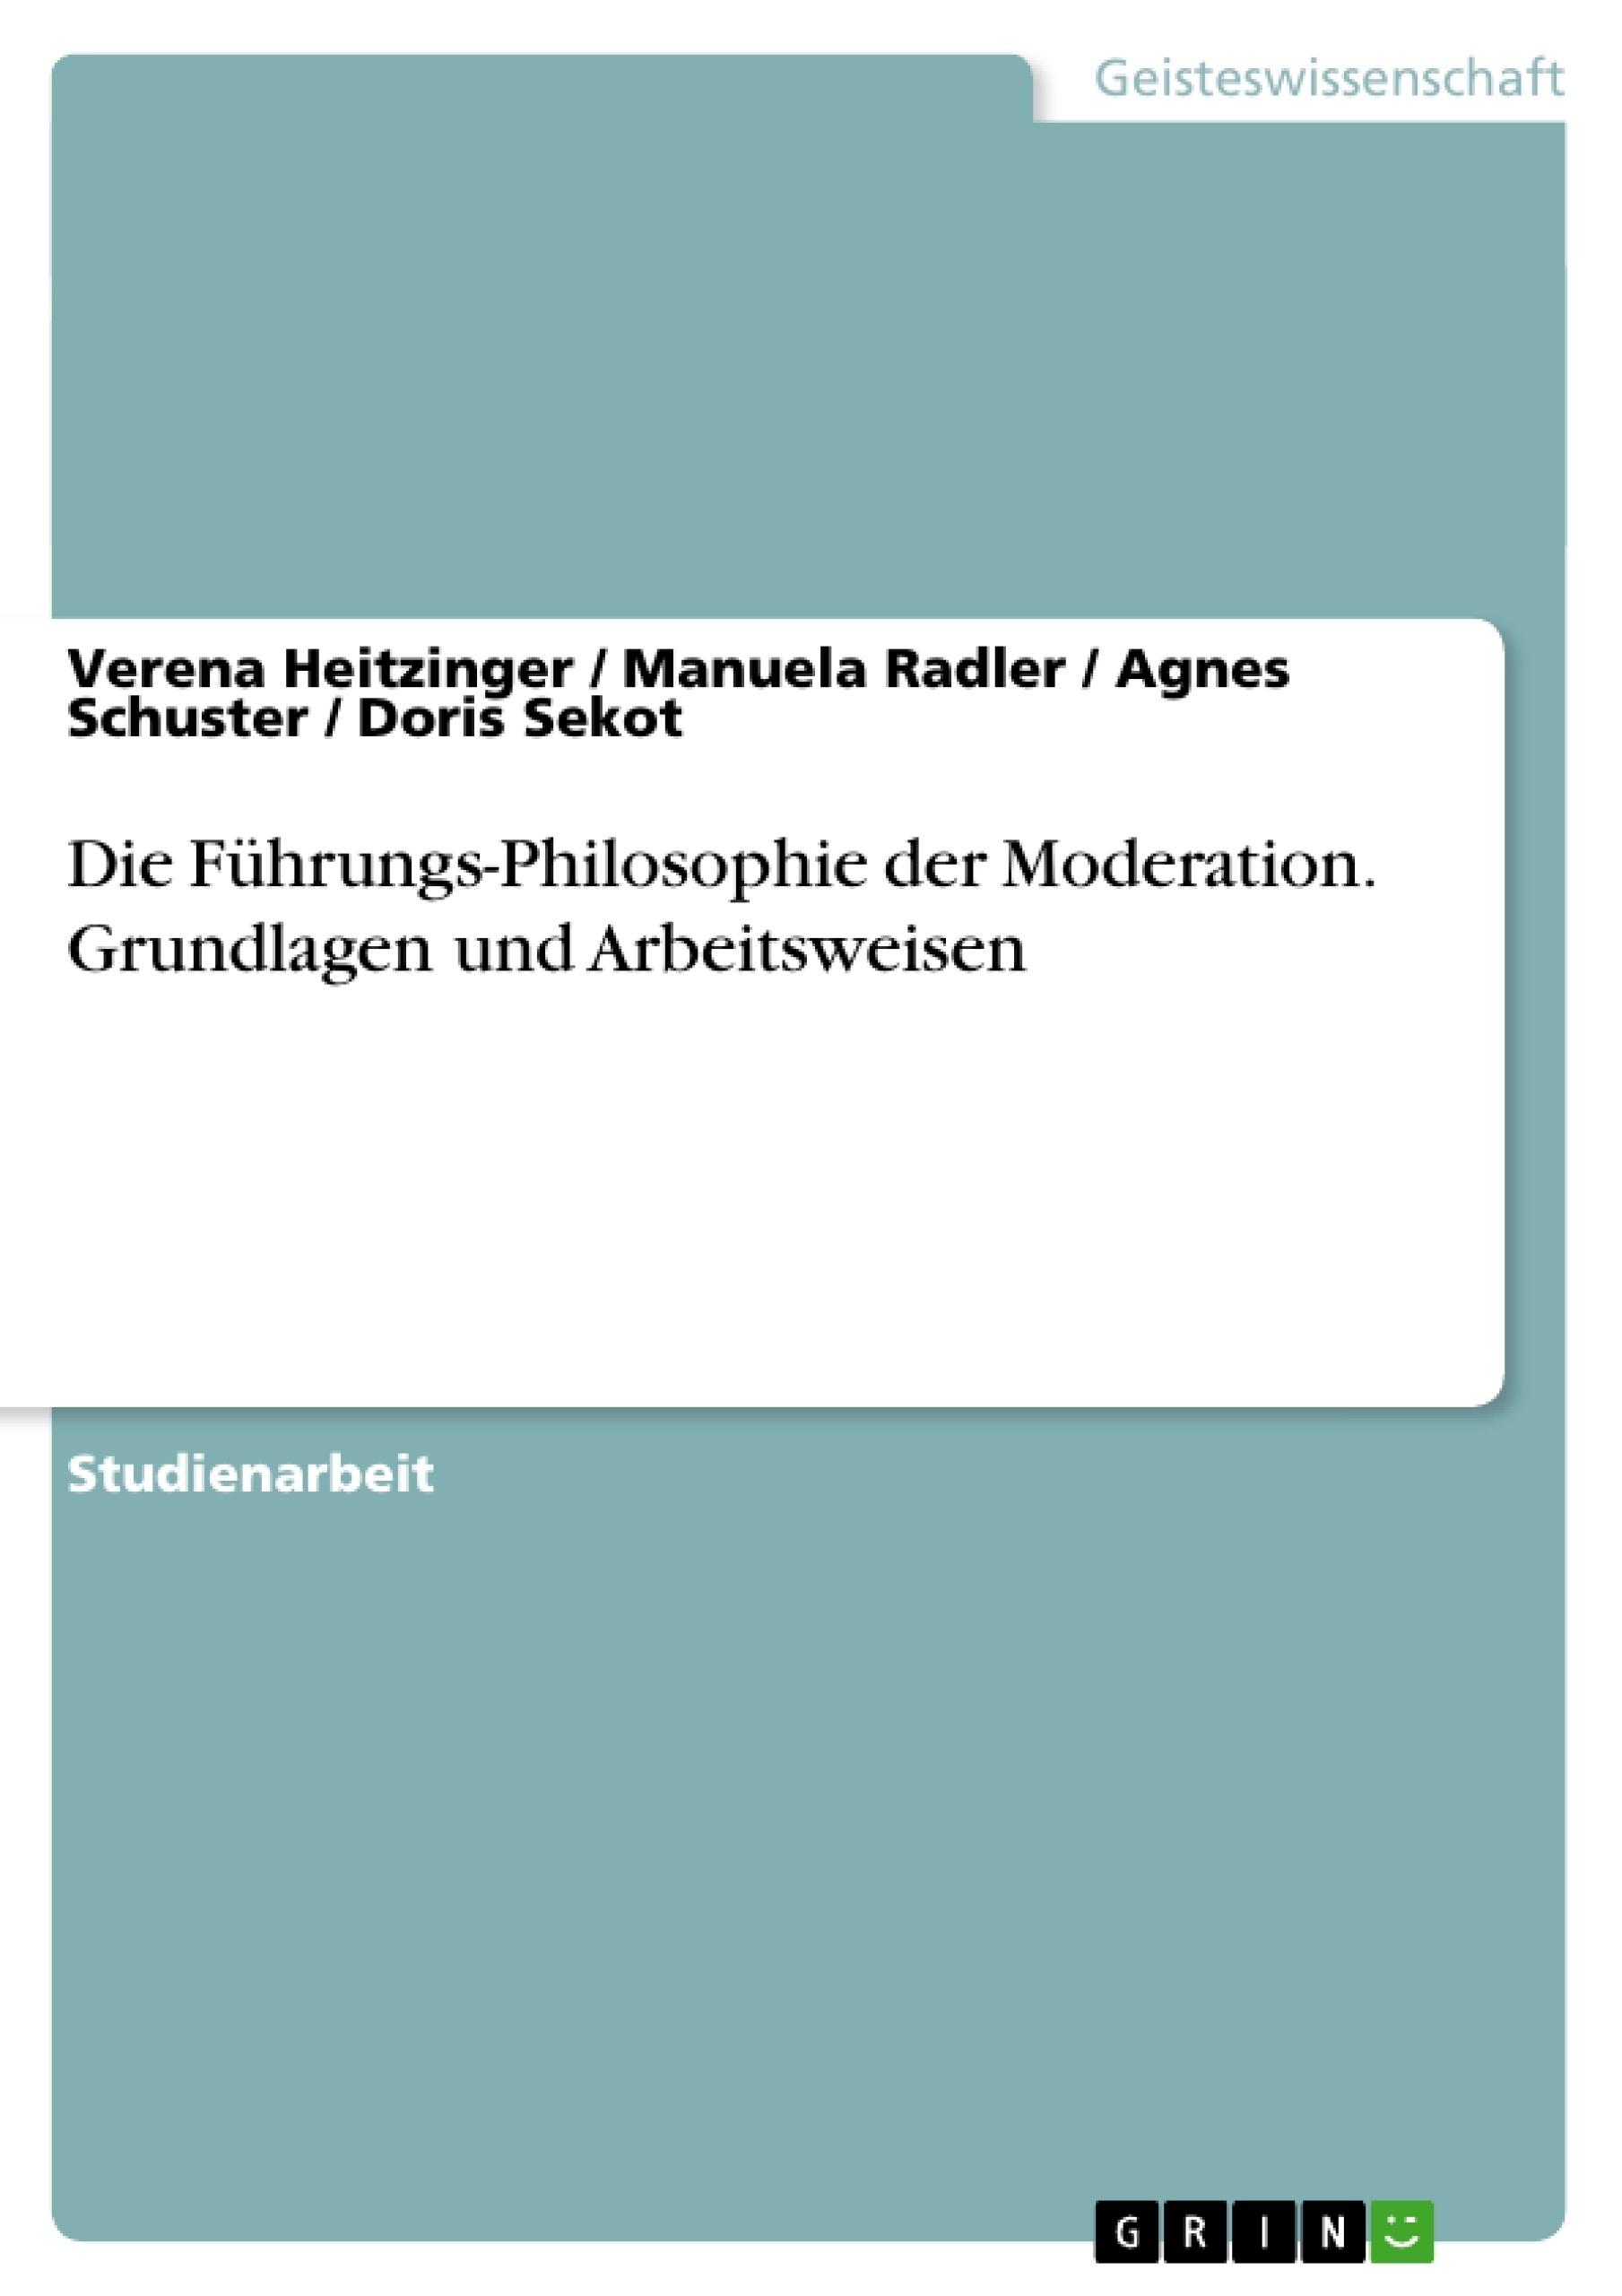 Titel: Die Führungs-Philosophie der Moderation. Grundlagen und Arbeitsweisen